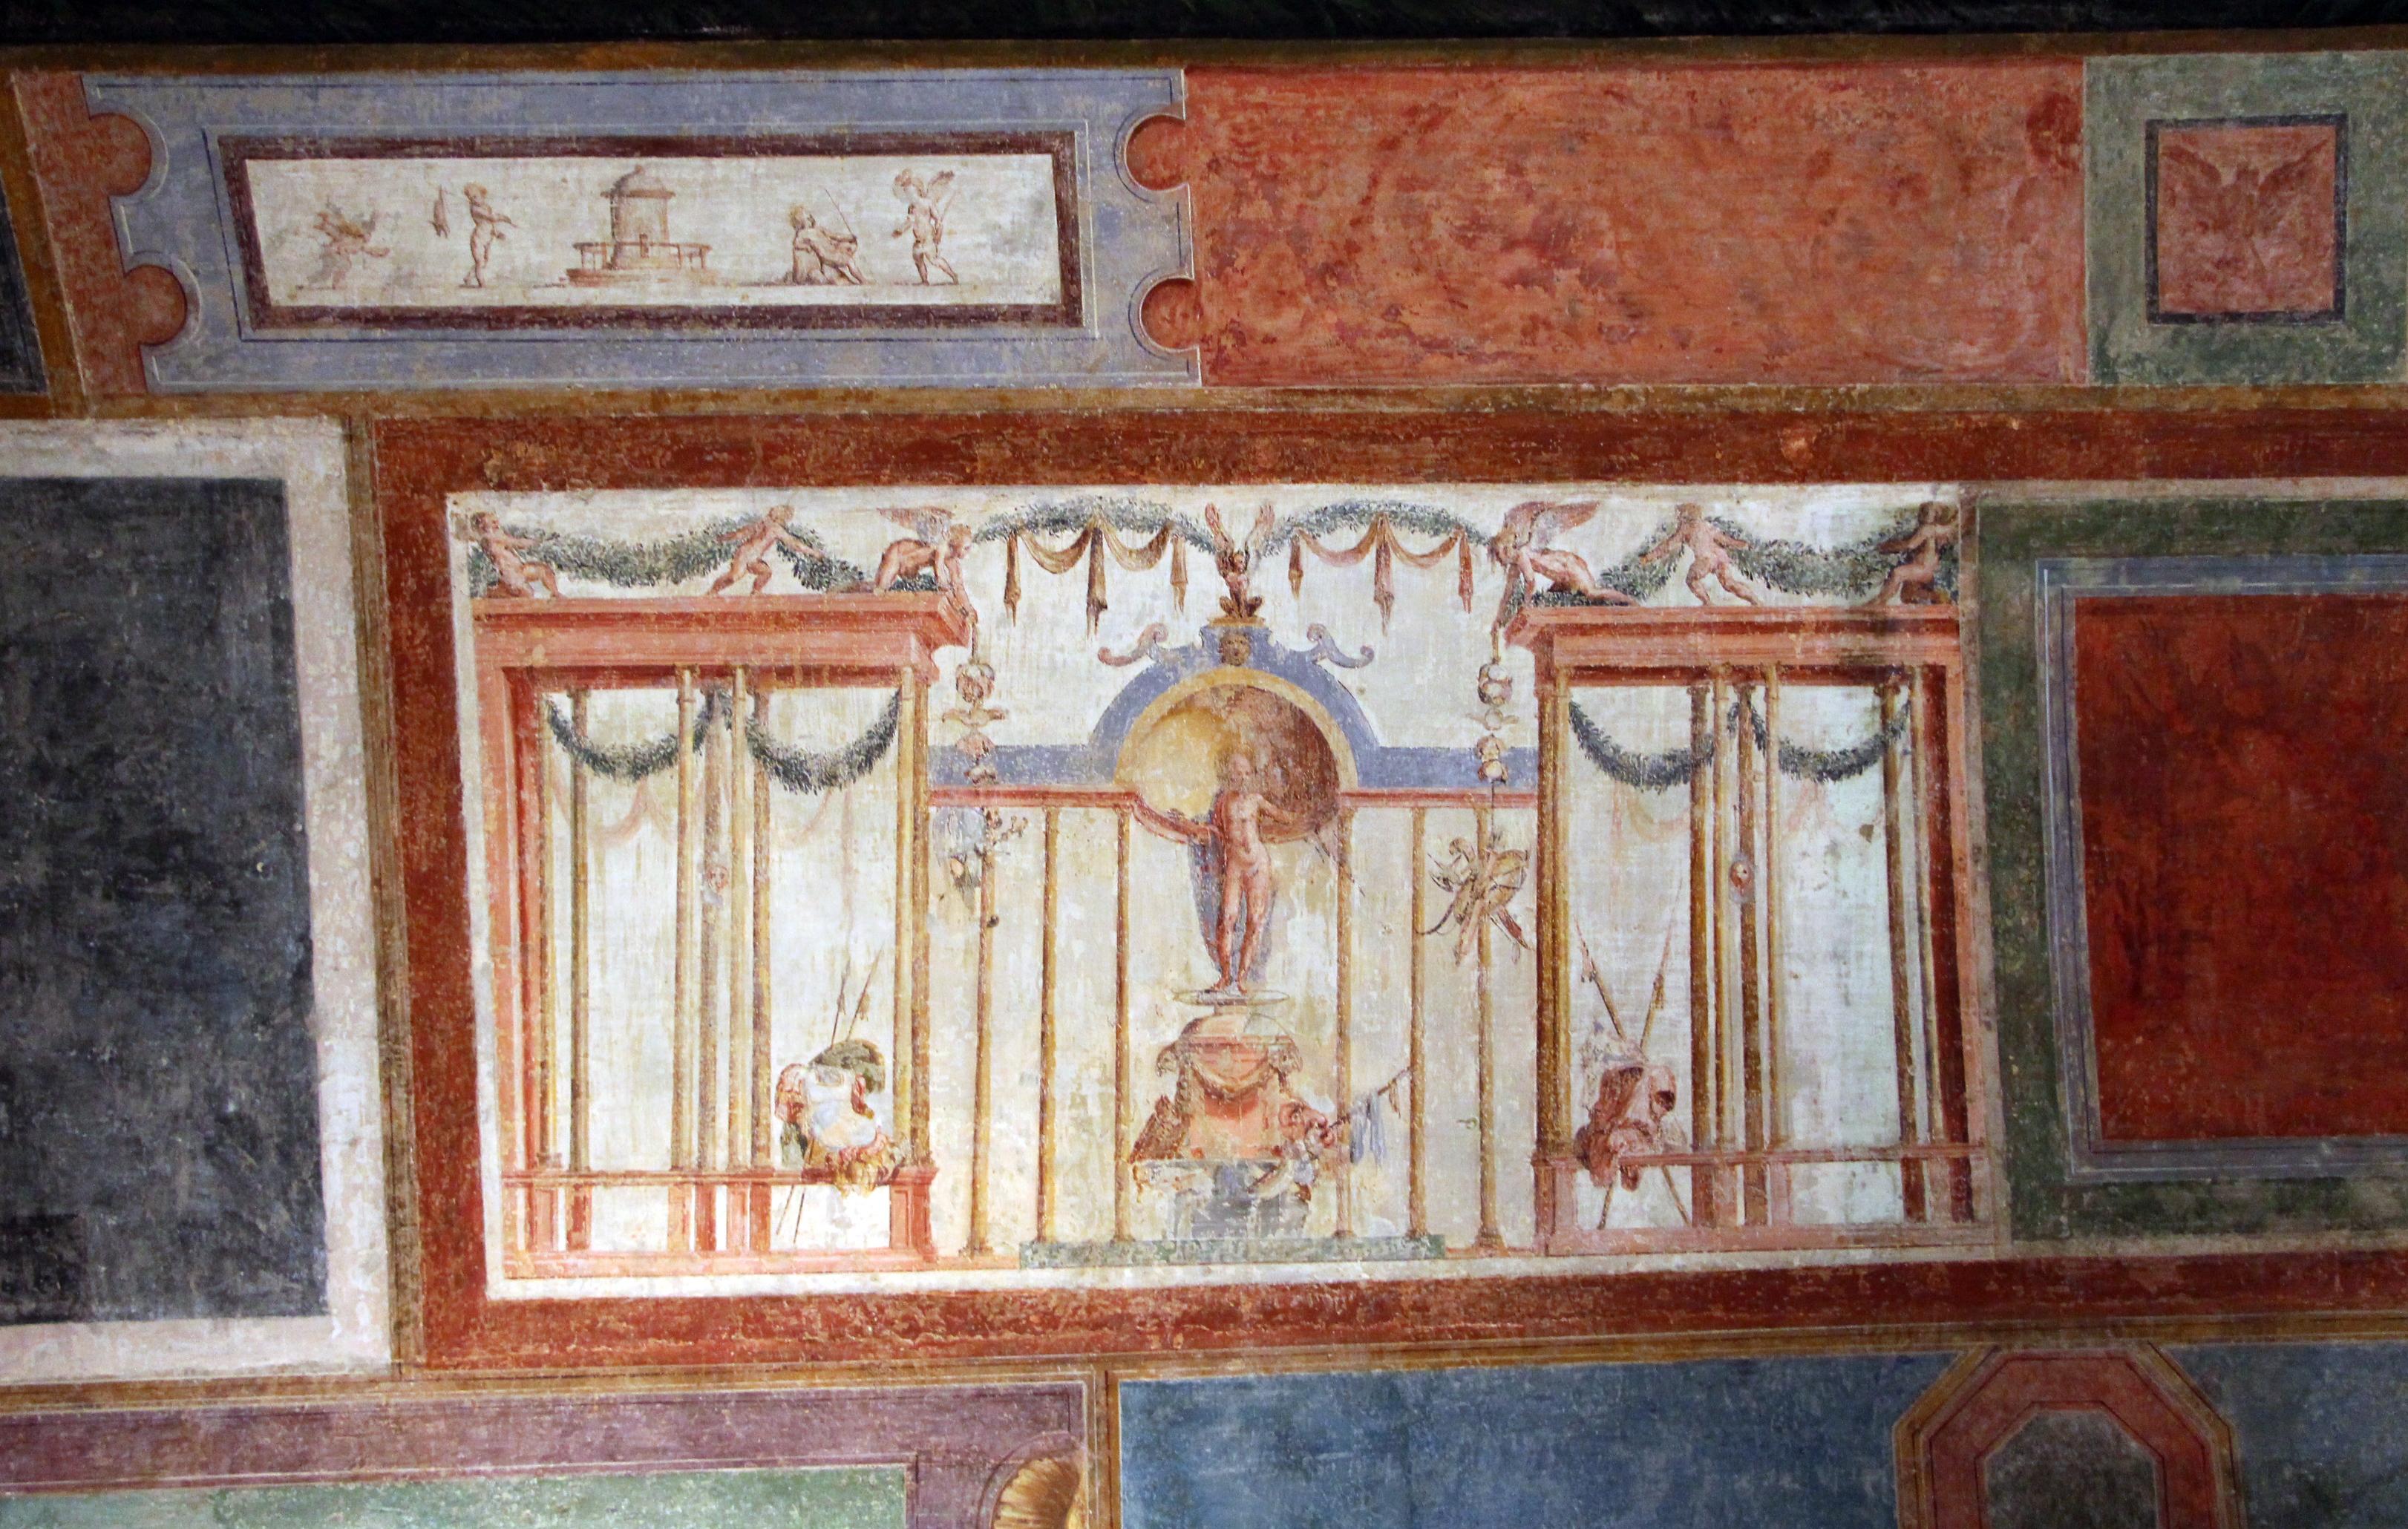 File perin del vaga la carit romana 1530 ca - Decorazioni grottesche ...